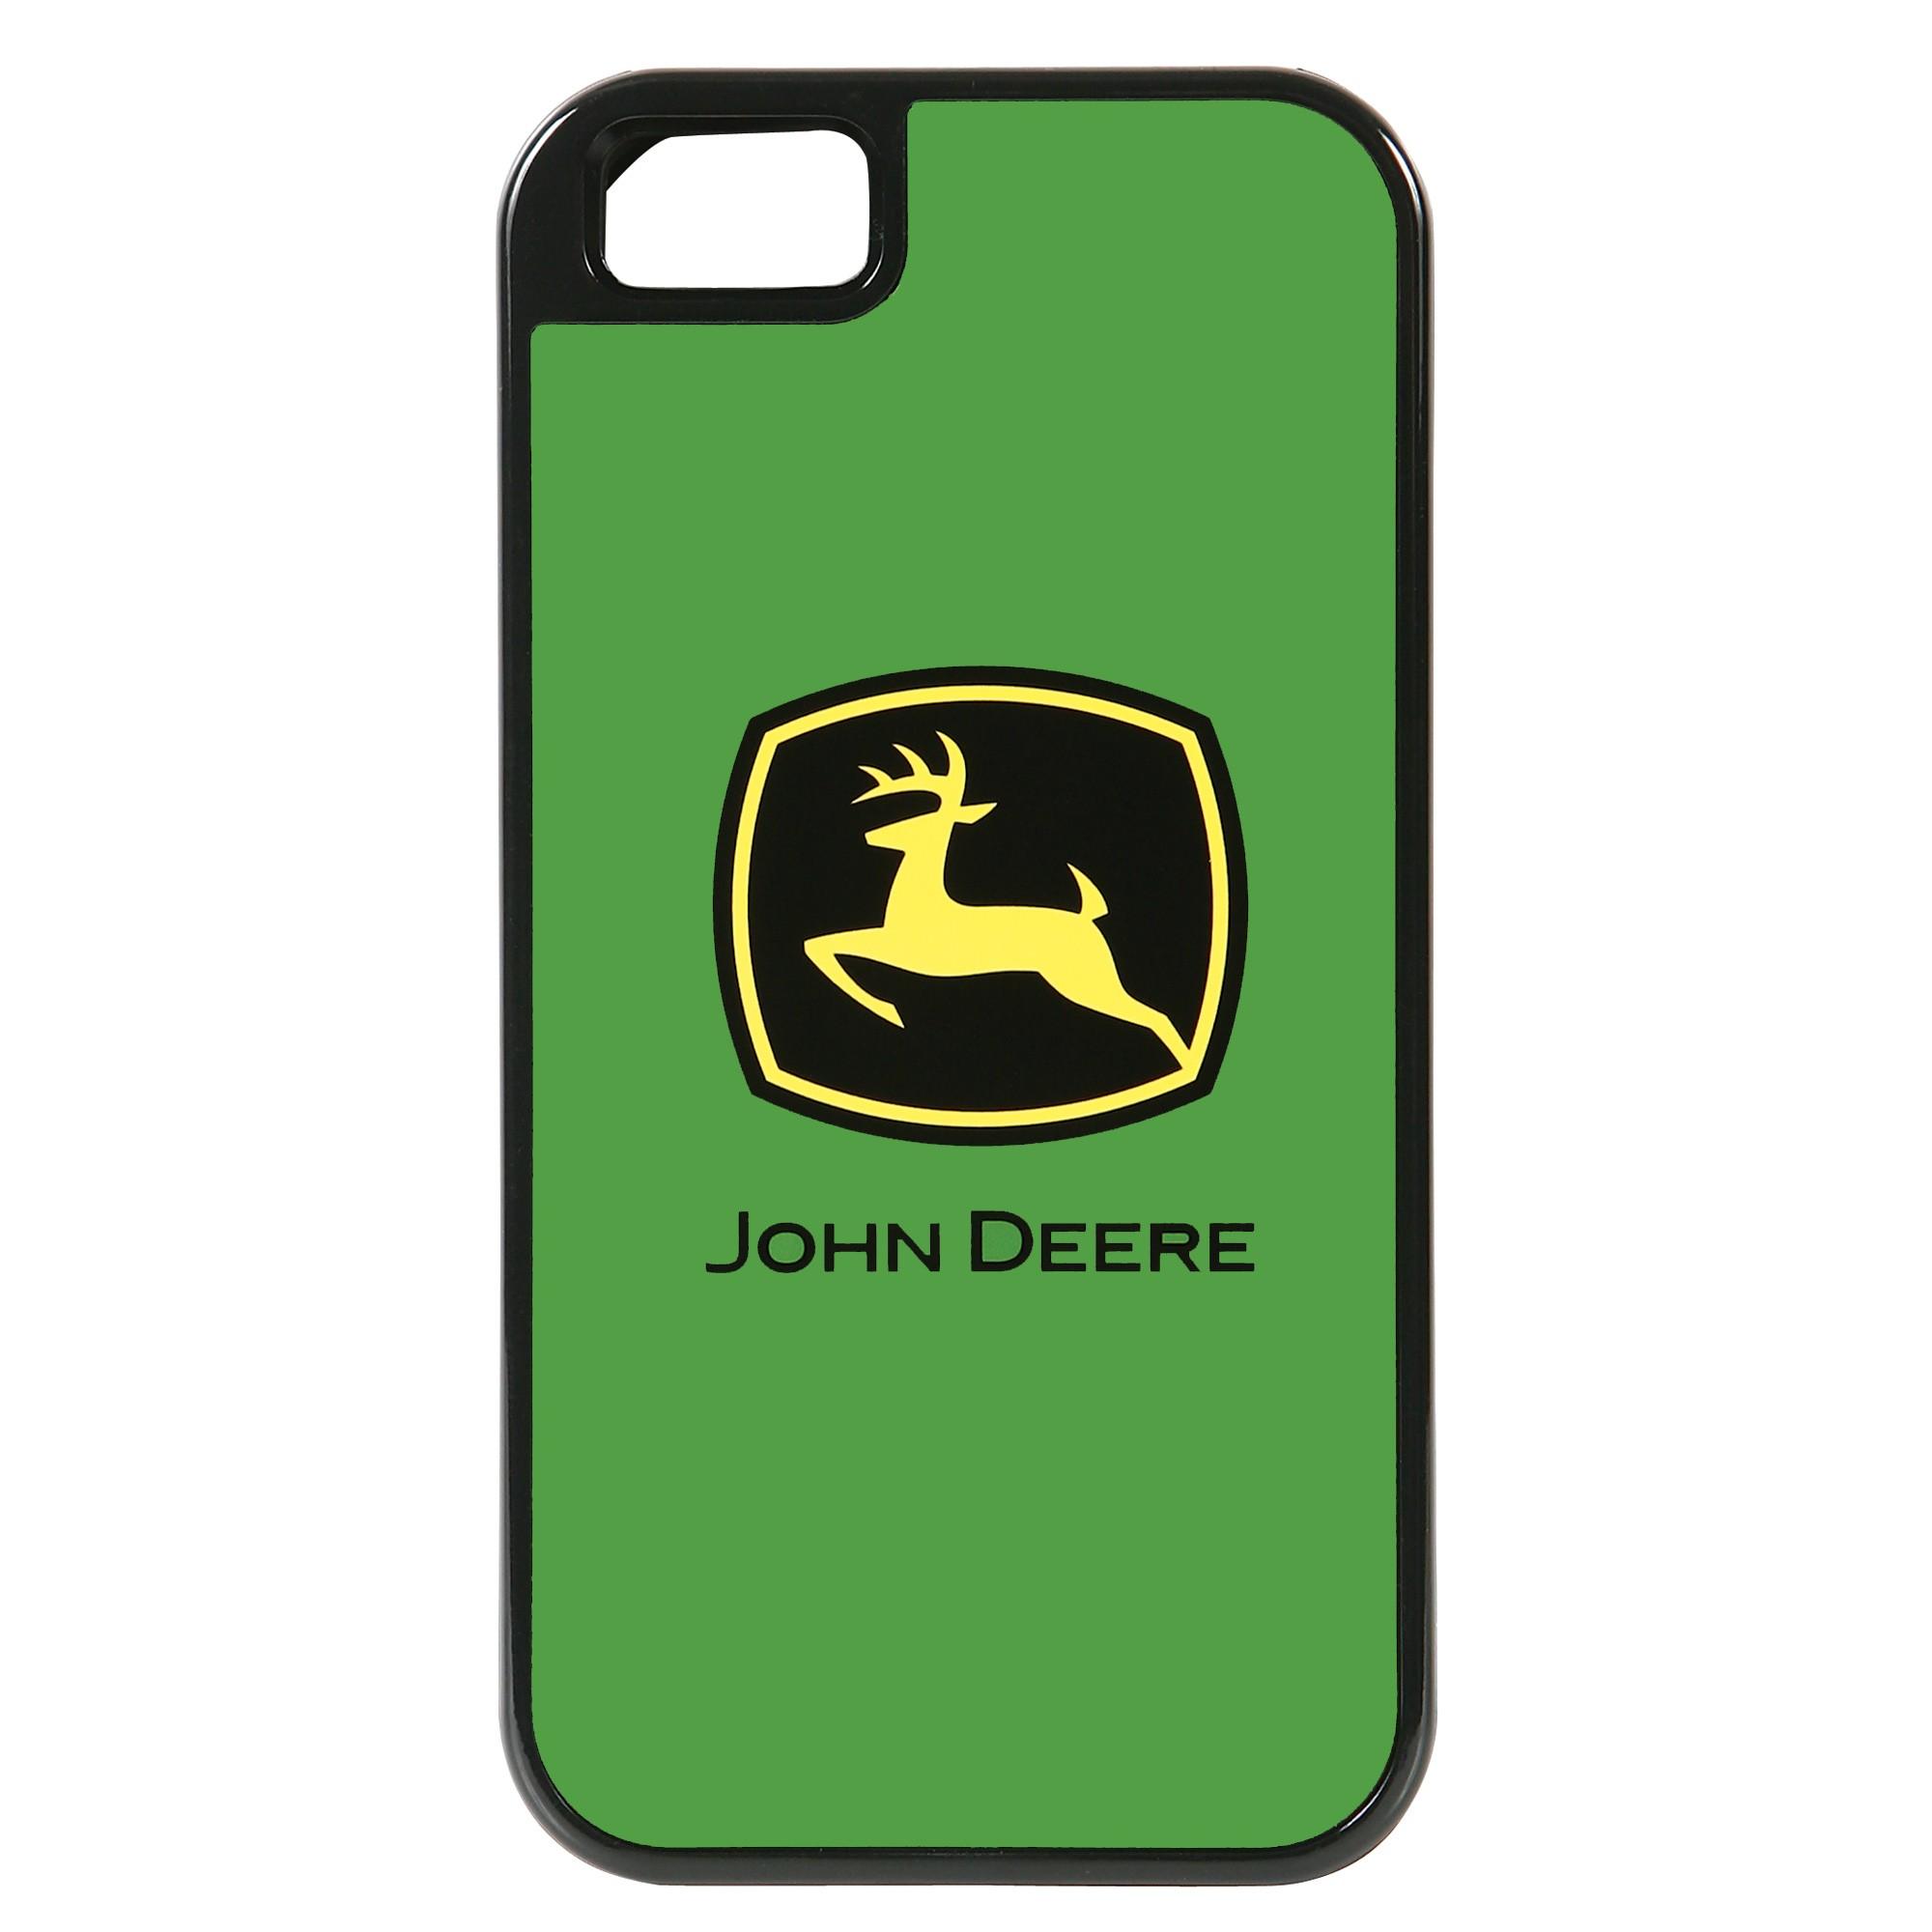 John deere tractor clip art picture gallery image